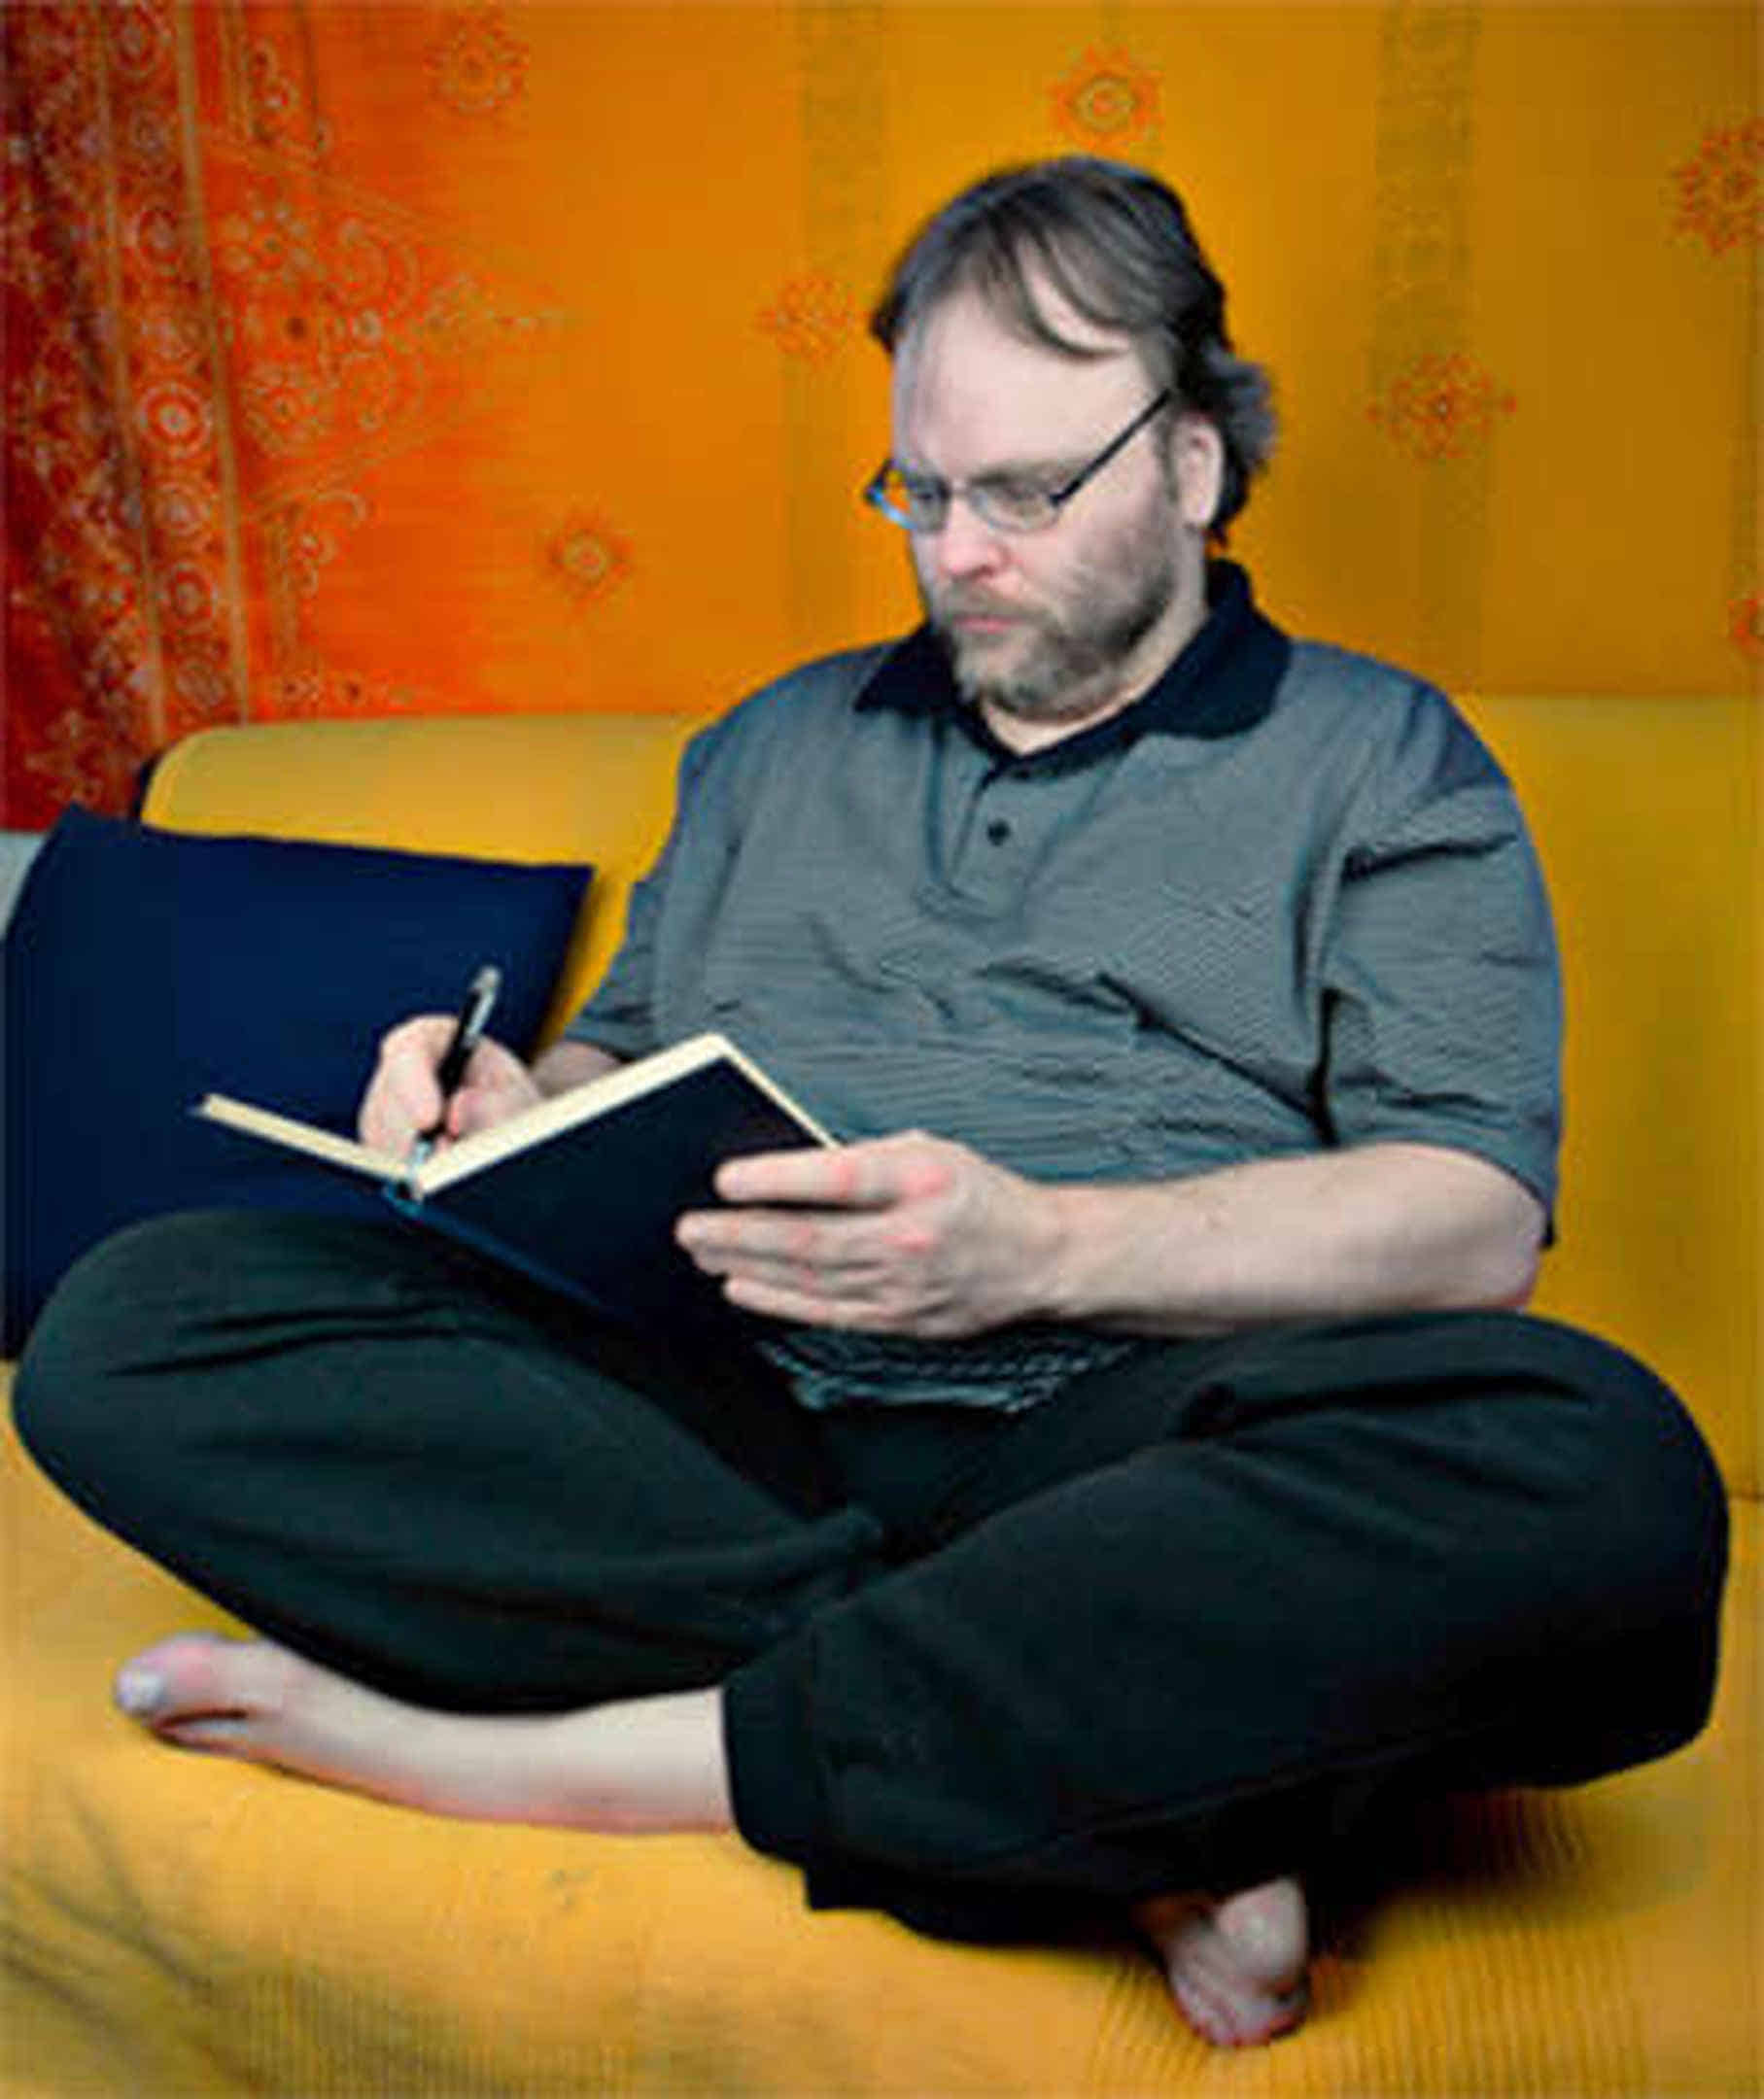 Foto: Ich sitze im Schneidersitz auf meinem Sofa und schreibe einen Text in ein Buch.